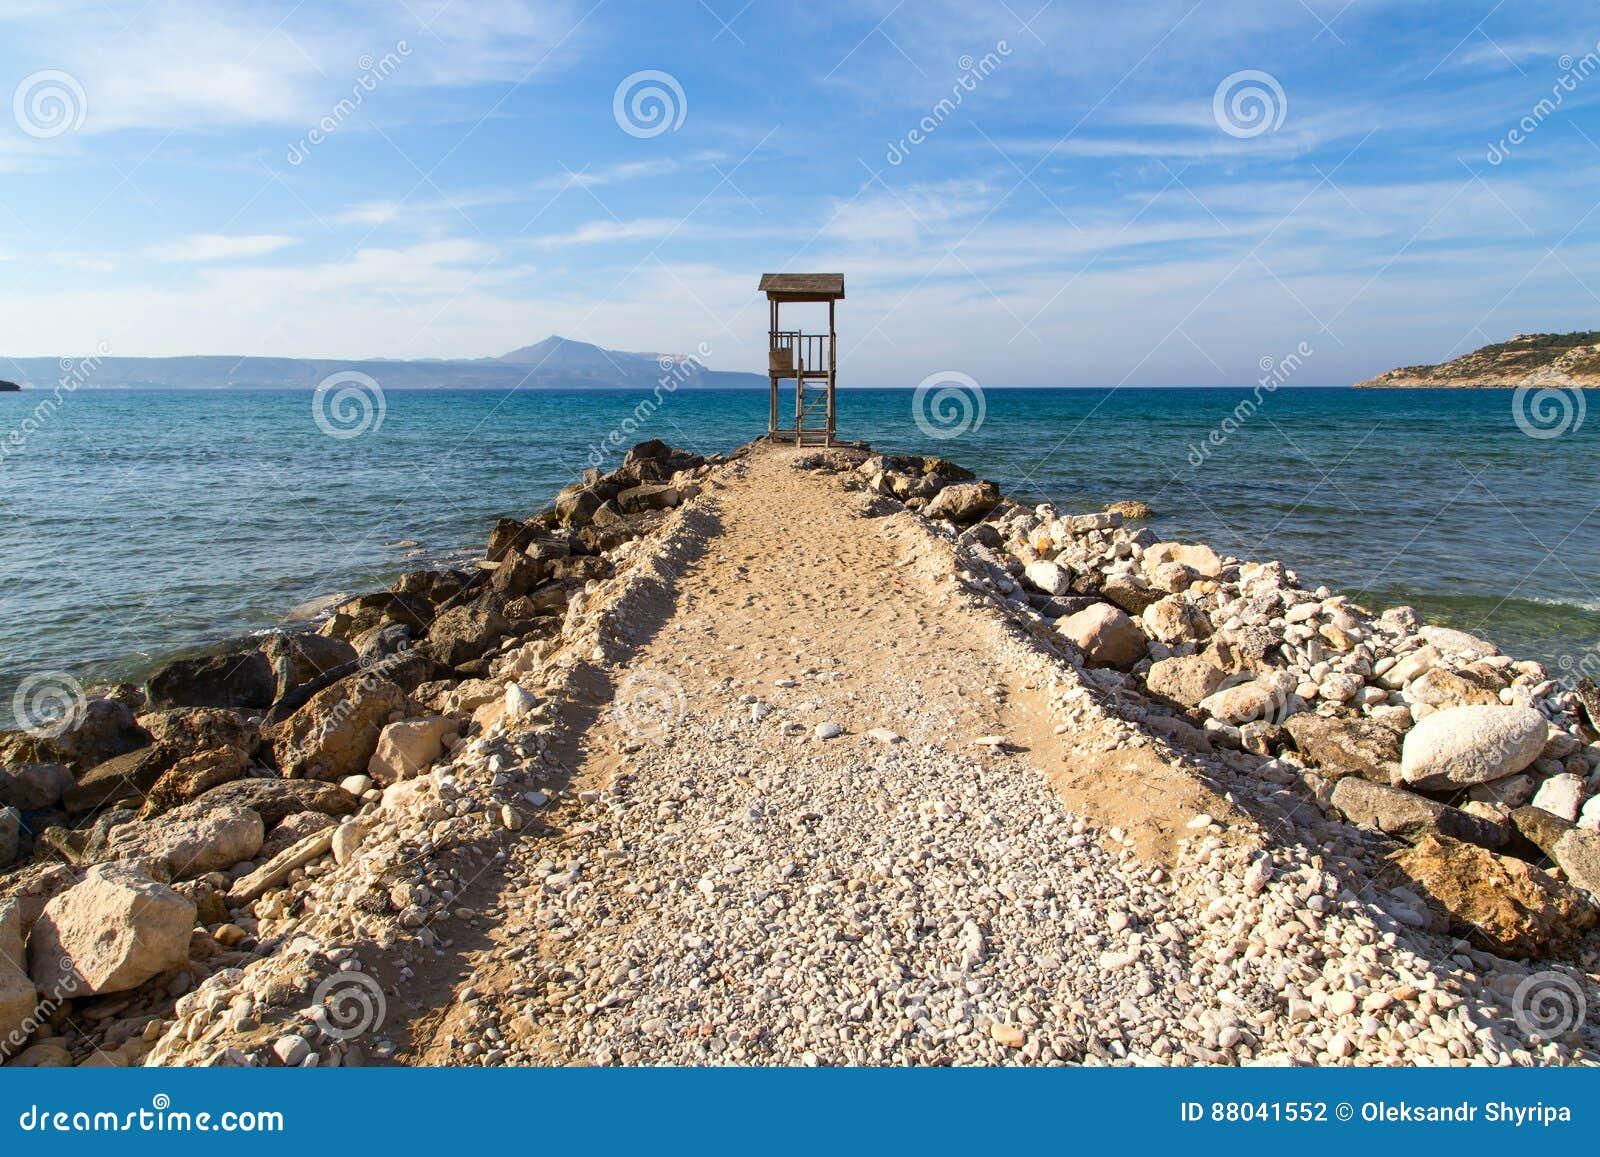 Leibwächterhütte auf dem Meer